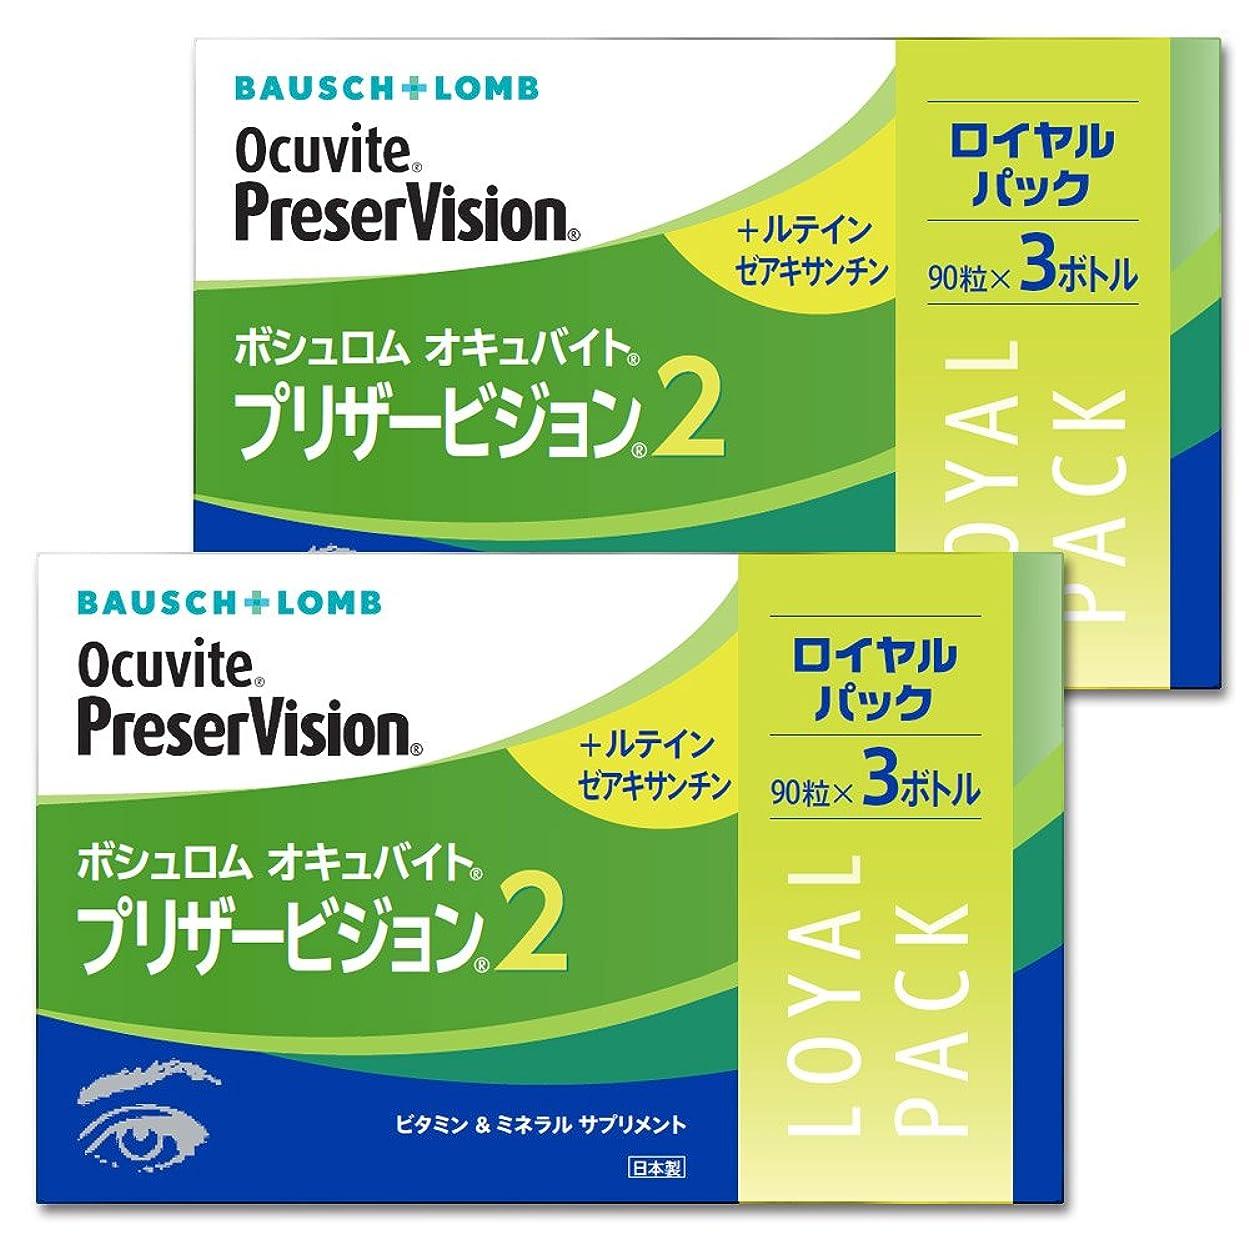 リビジョンシロクマ食事ボシュロム オキュバイト プリザービジョン2 ロイヤルパック 2箱セット